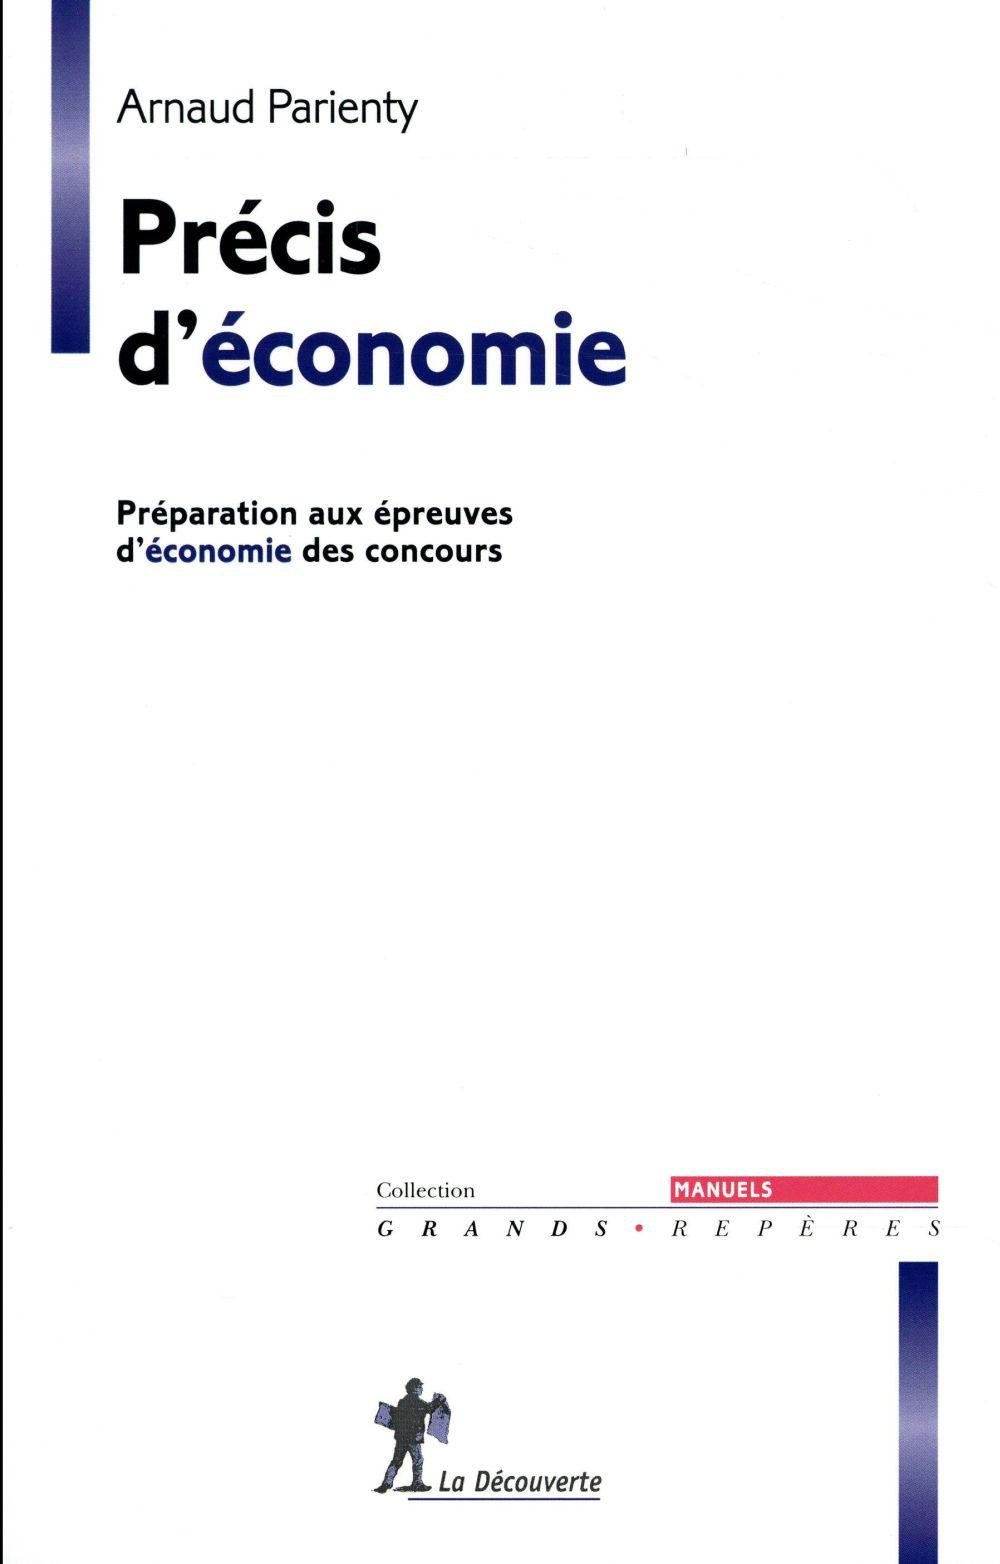 Précis d'économie ; préparation aux épreuves d'économie des concours